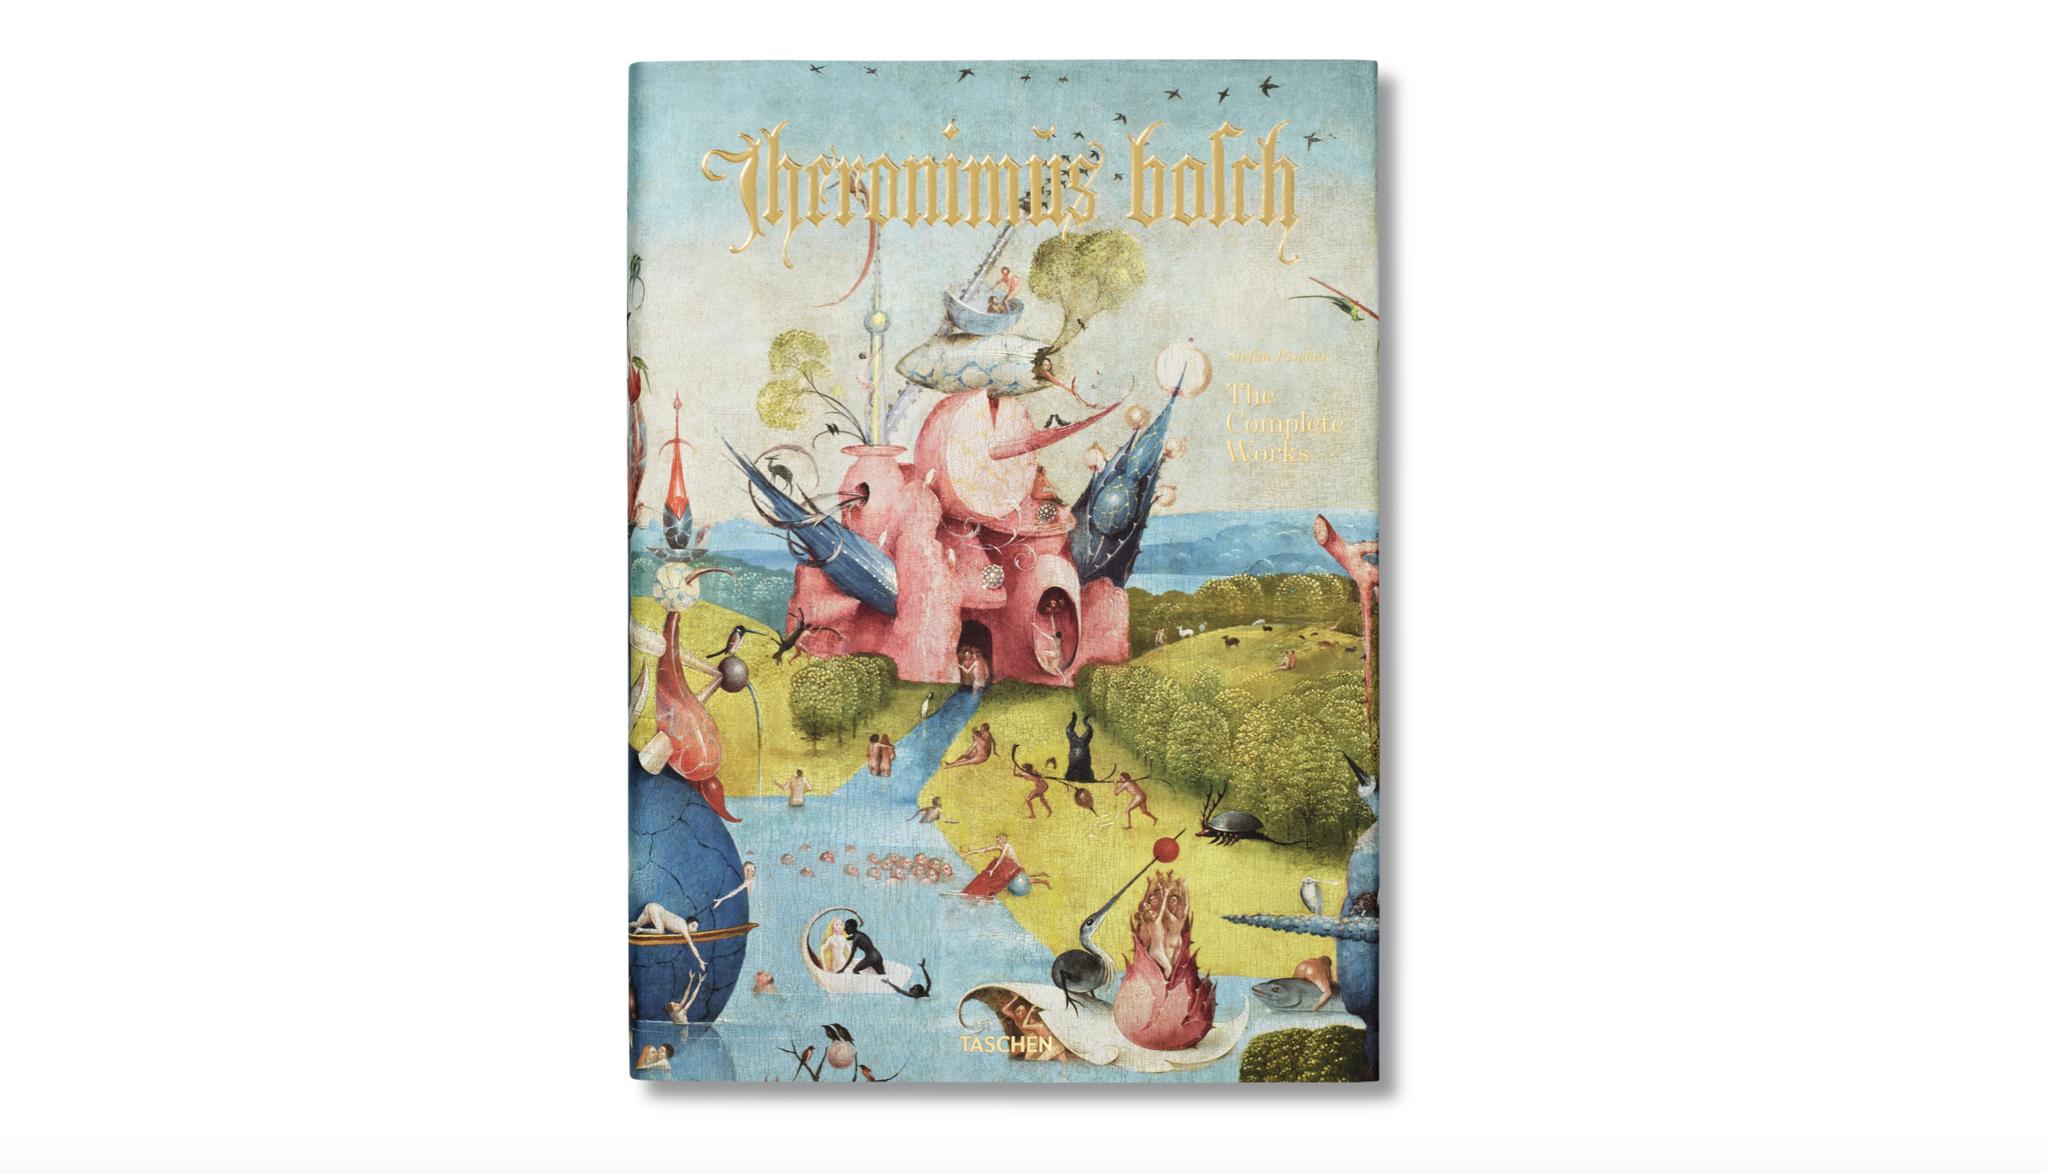 Taschen Hieronymus Bosch Complete Works XL